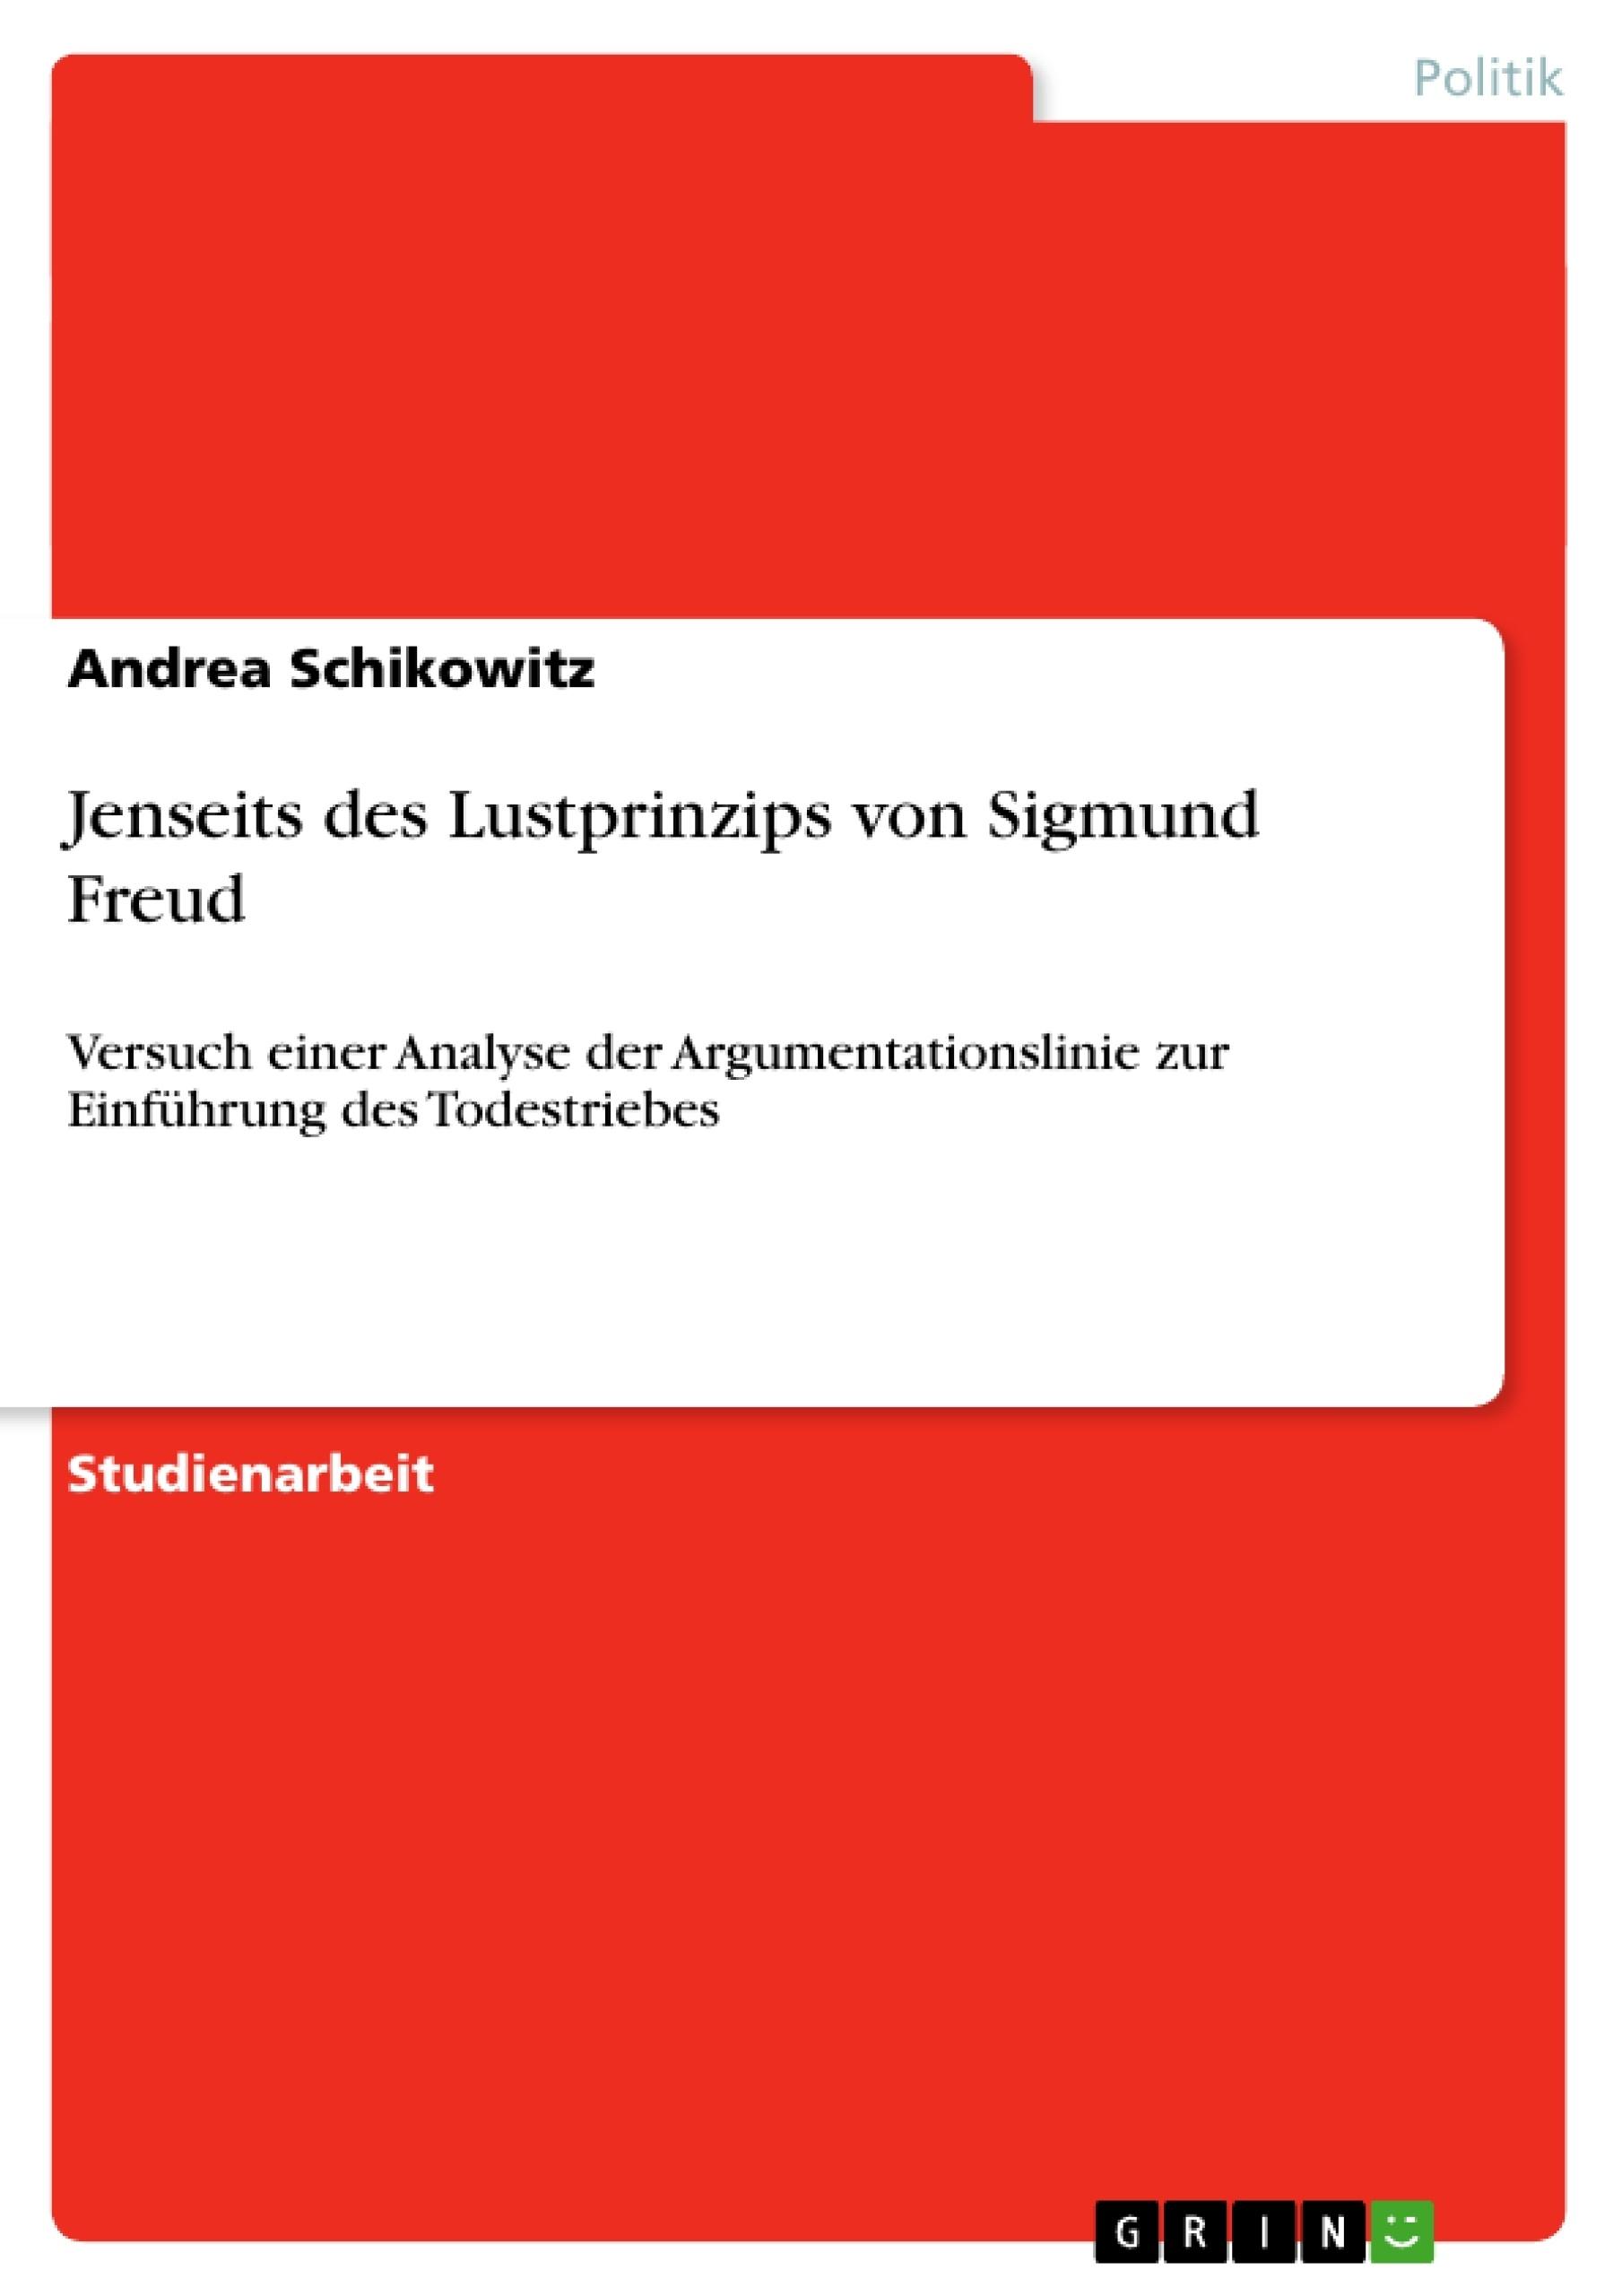 Titel: Jenseits des Lustprinzips von Sigmund Freud